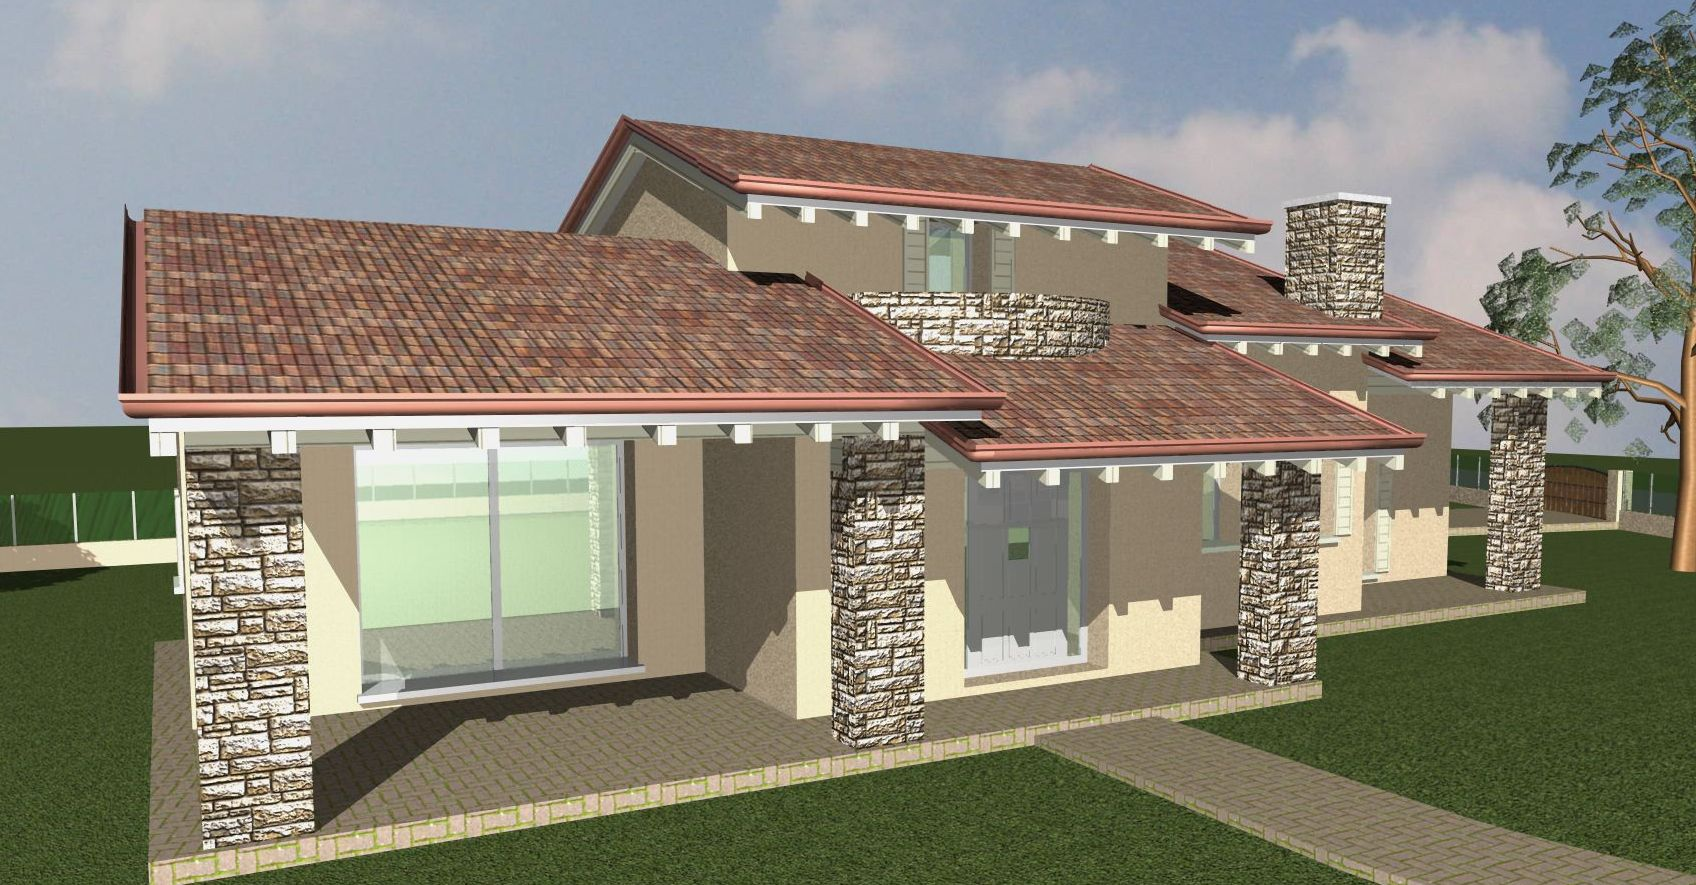 Progetto fabbricato unifamiliare progetti costruzione case for Progetti ville a due piani